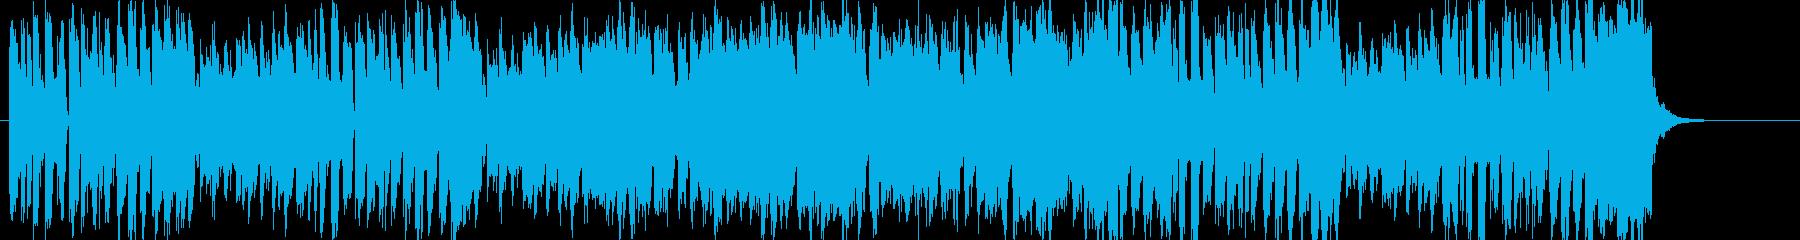 1お菓子CMや小さい動物映像BGM B6の再生済みの波形